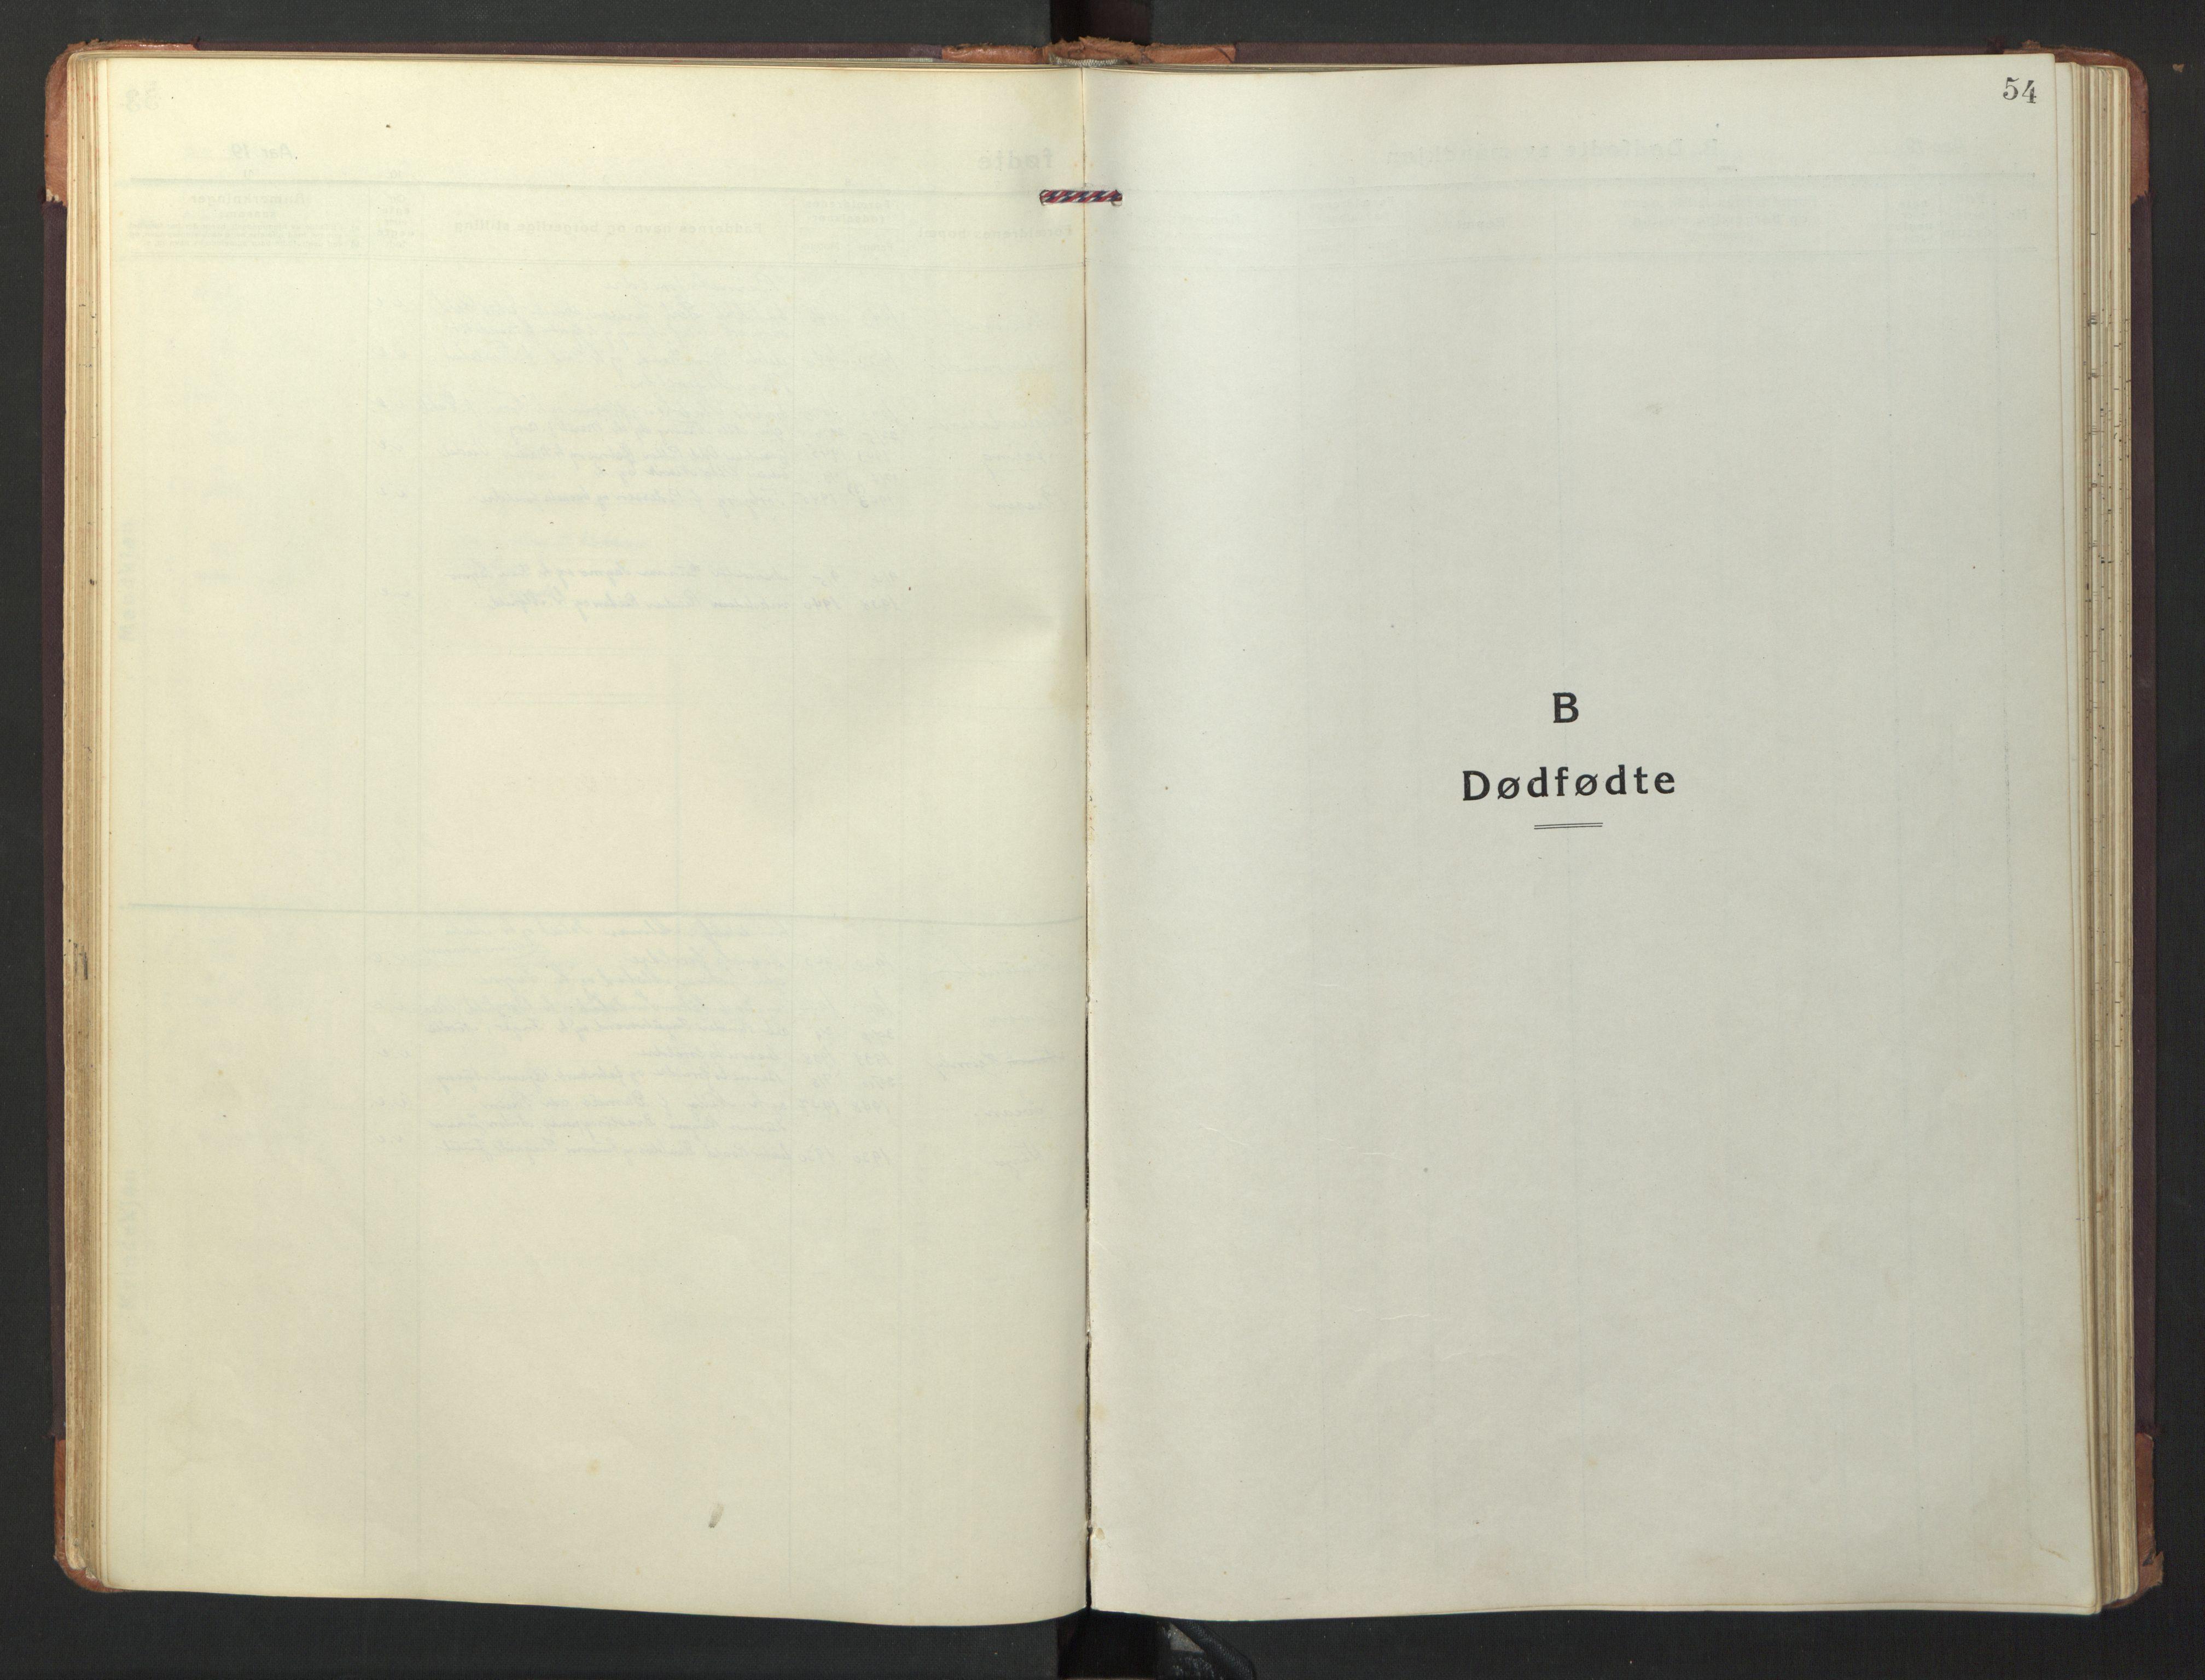 SAT, Ministerialprotokoller, klokkerbøker og fødselsregistre - Nord-Trøndelag, 733/L0328: Klokkerbok nr. 733C03, 1919-1966, s. 54